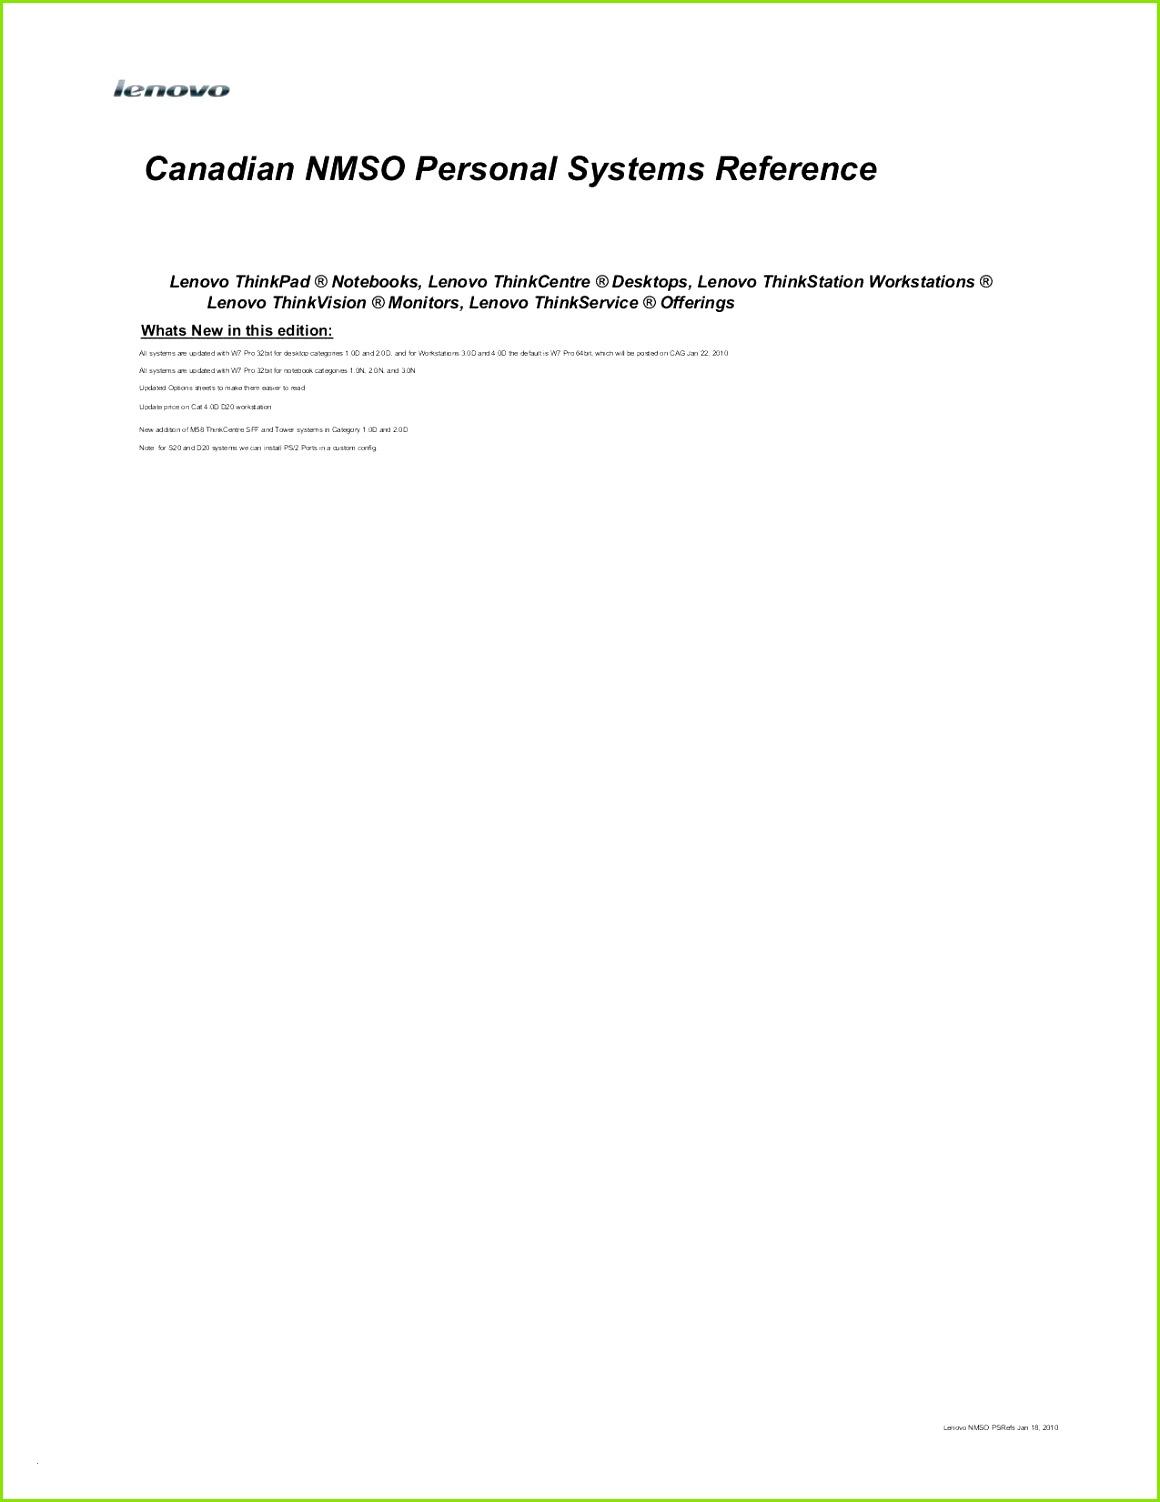 Einfaches Arbeitszeugnis Vorlage Detaillierte 40 Lebenslaufvorlagen Jacksongariety Druckbare Einfaches Arbeitszeugnis Vorlage